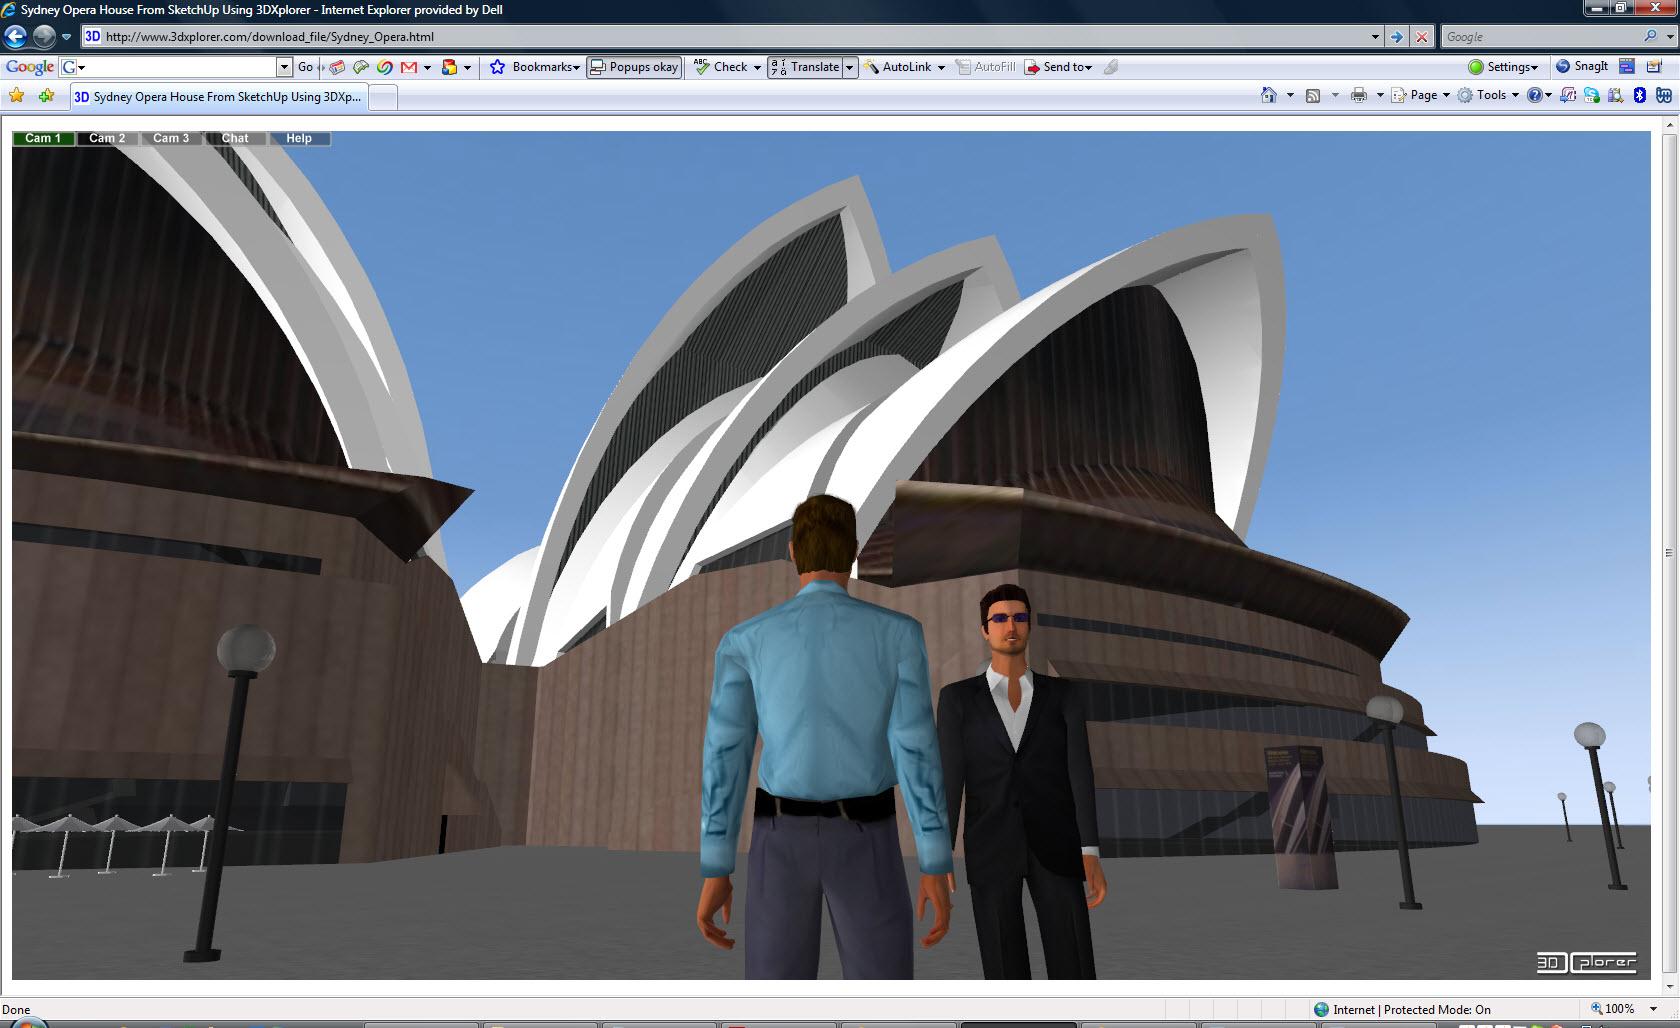 Online sex worlds in Sydney